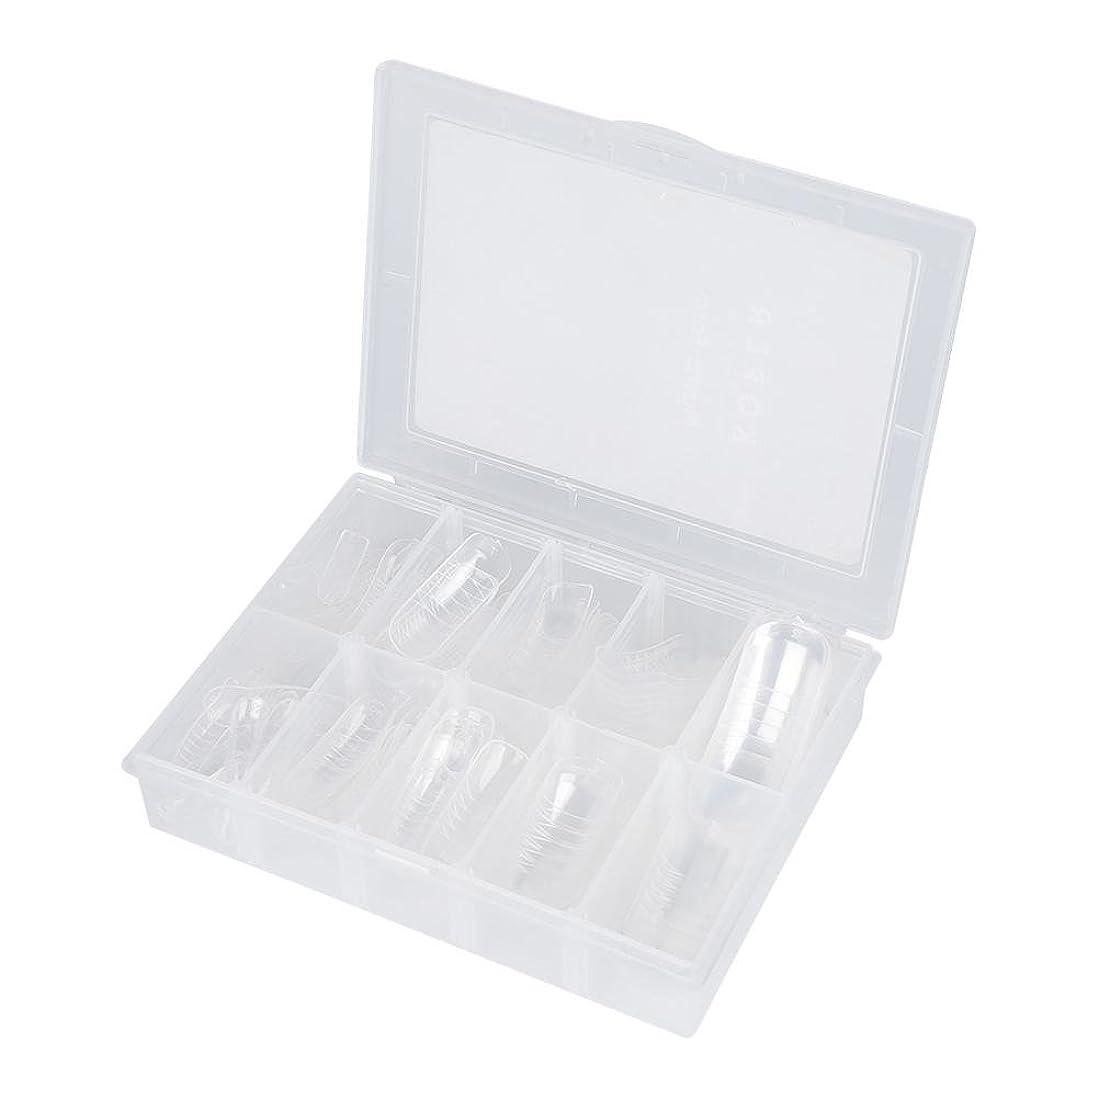 小石ソート機関ネイルチップ - Delaman つけ爪、クリア、透明、120枚入れ